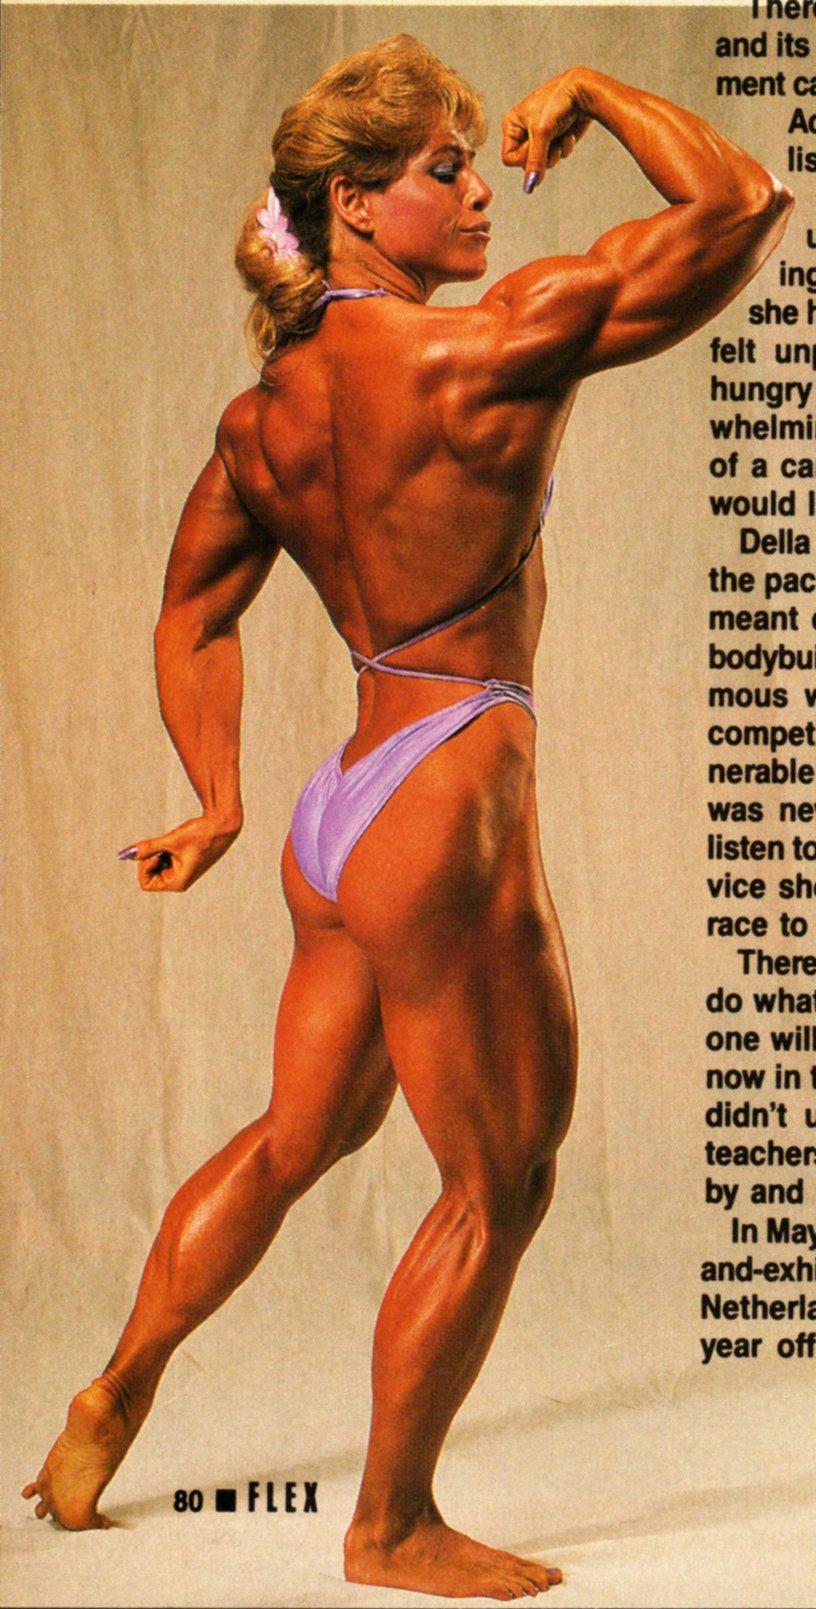 Della Wagnon Posing part 5